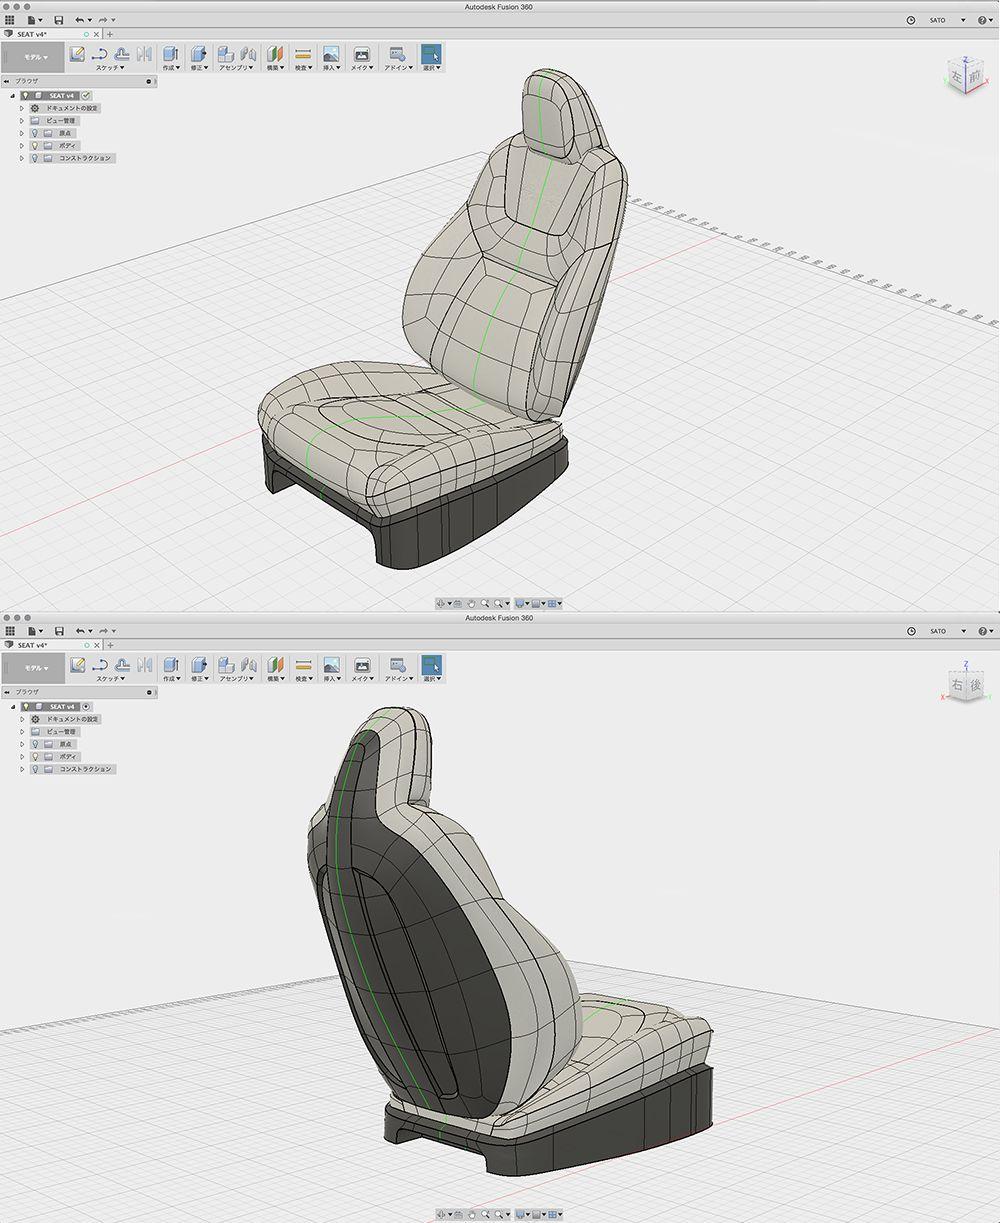 Seat-sculpt-3500-3500